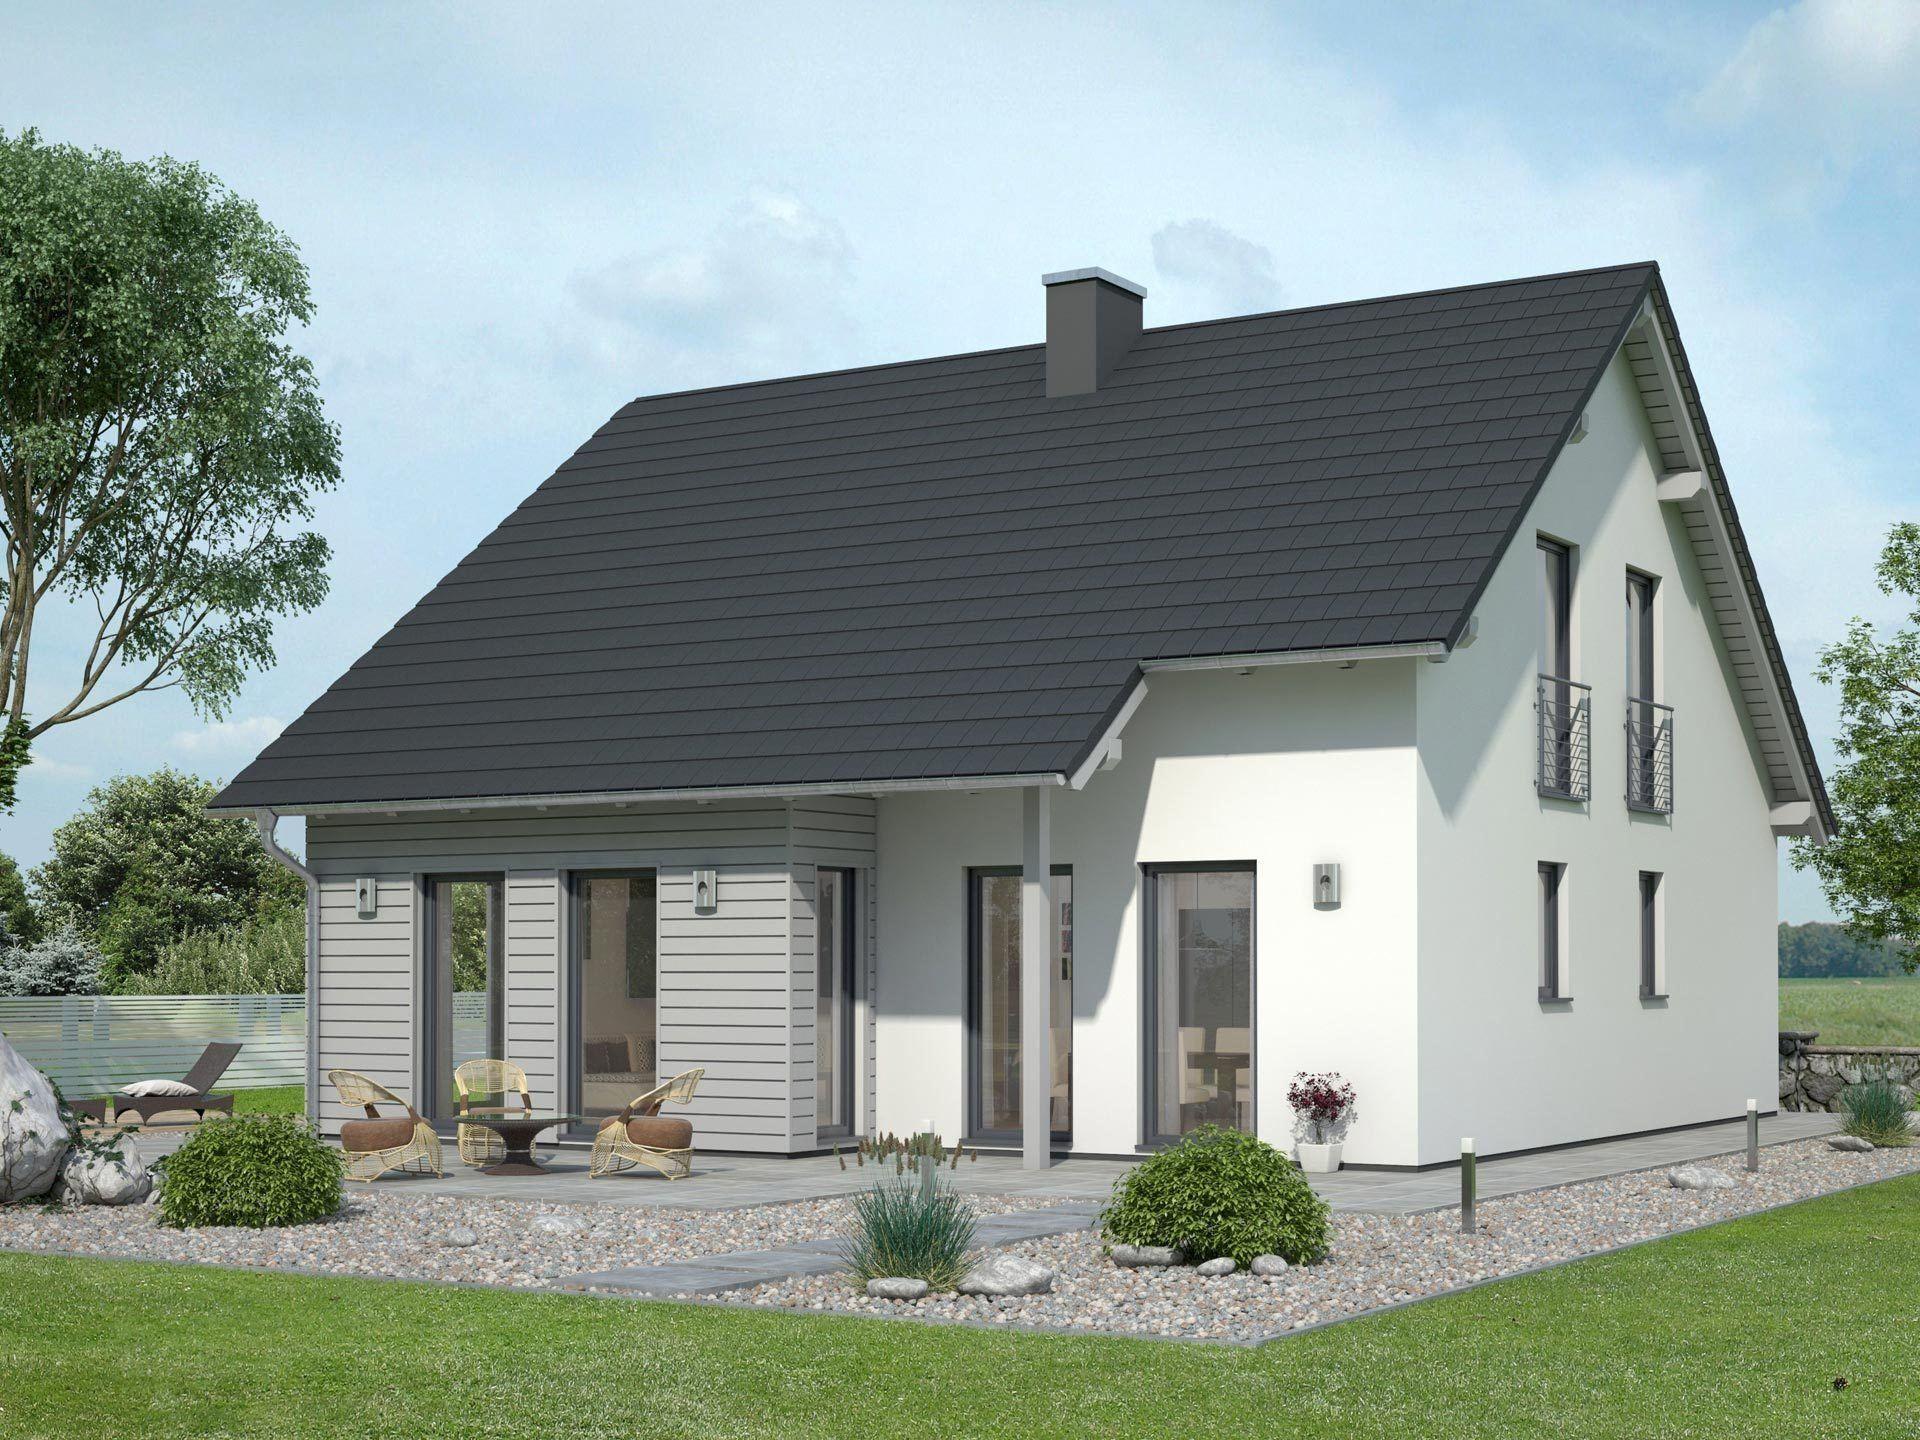 Massivhaus satteldach  Innovationshaus 140 • Bausatzhaus von Ytong Bausatzhaus • Modernes ...